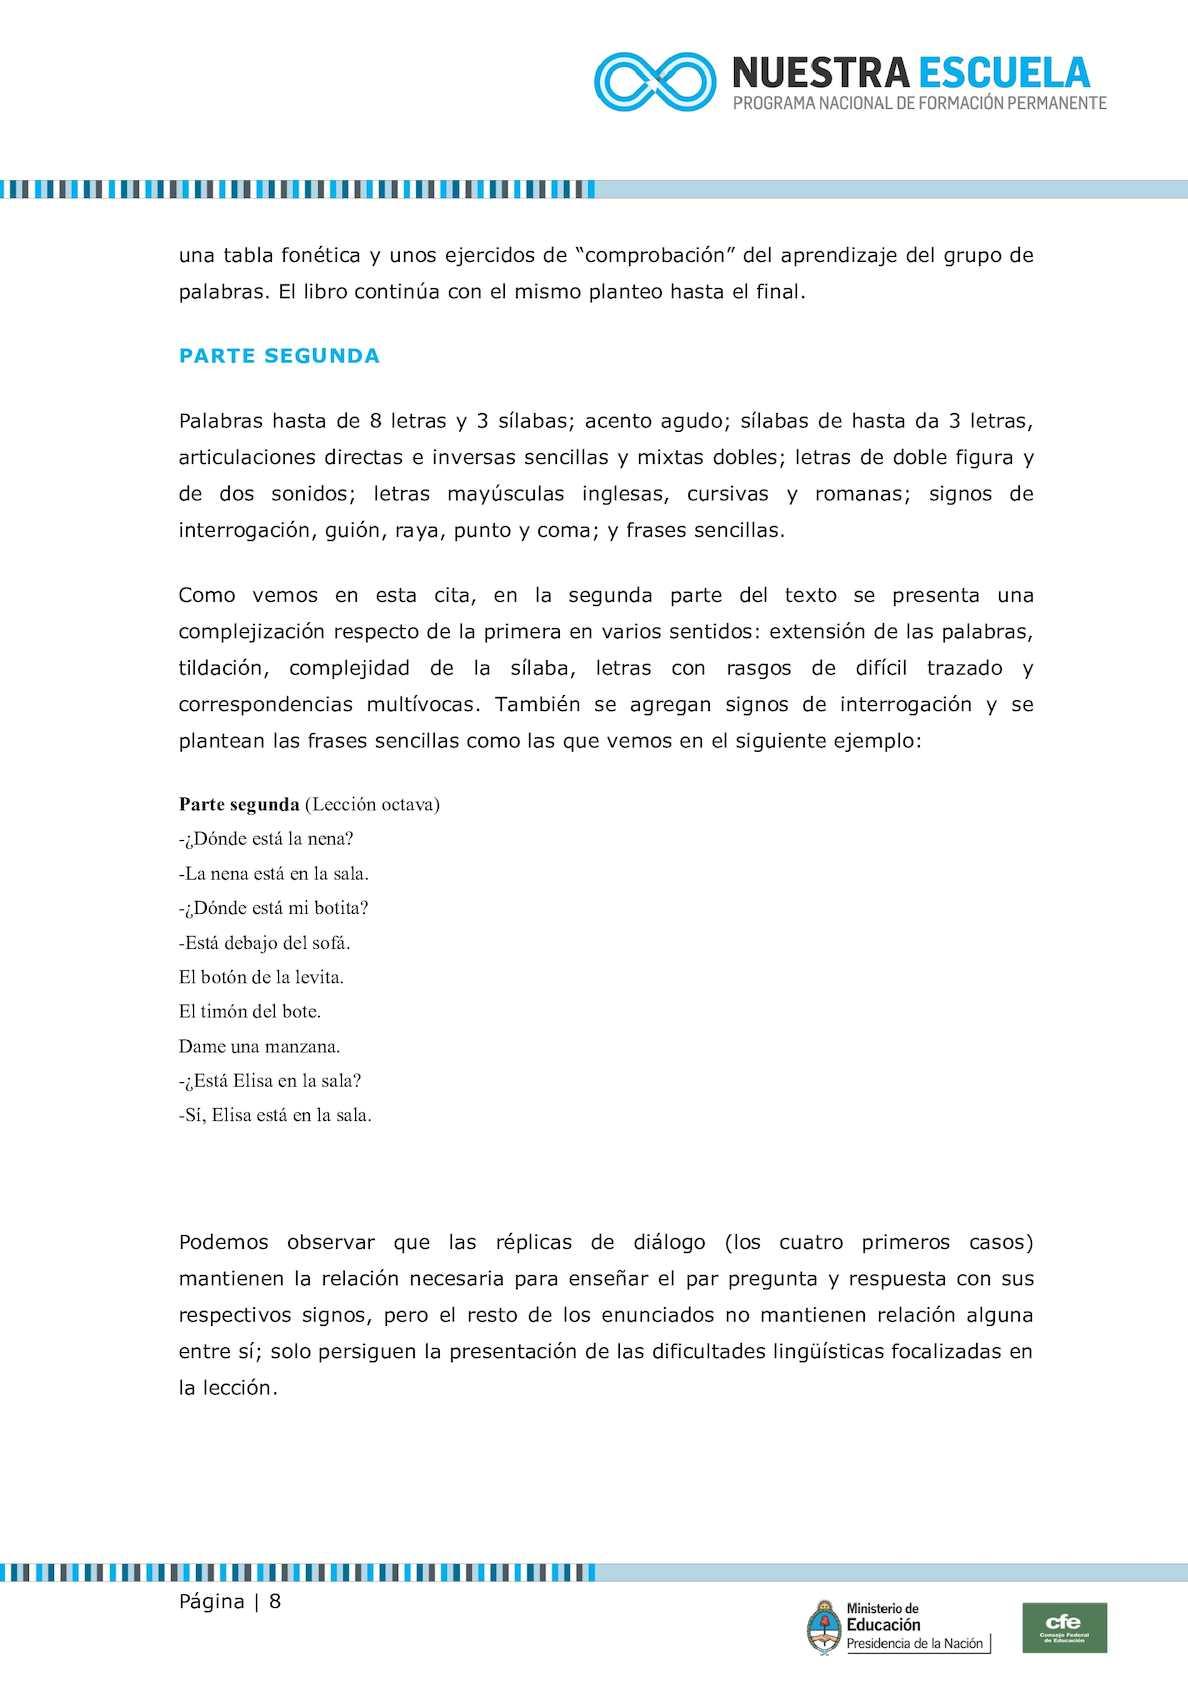 Perspectivas Enseñanza Alf Inic Clase 1mod2 Calameo Downloader